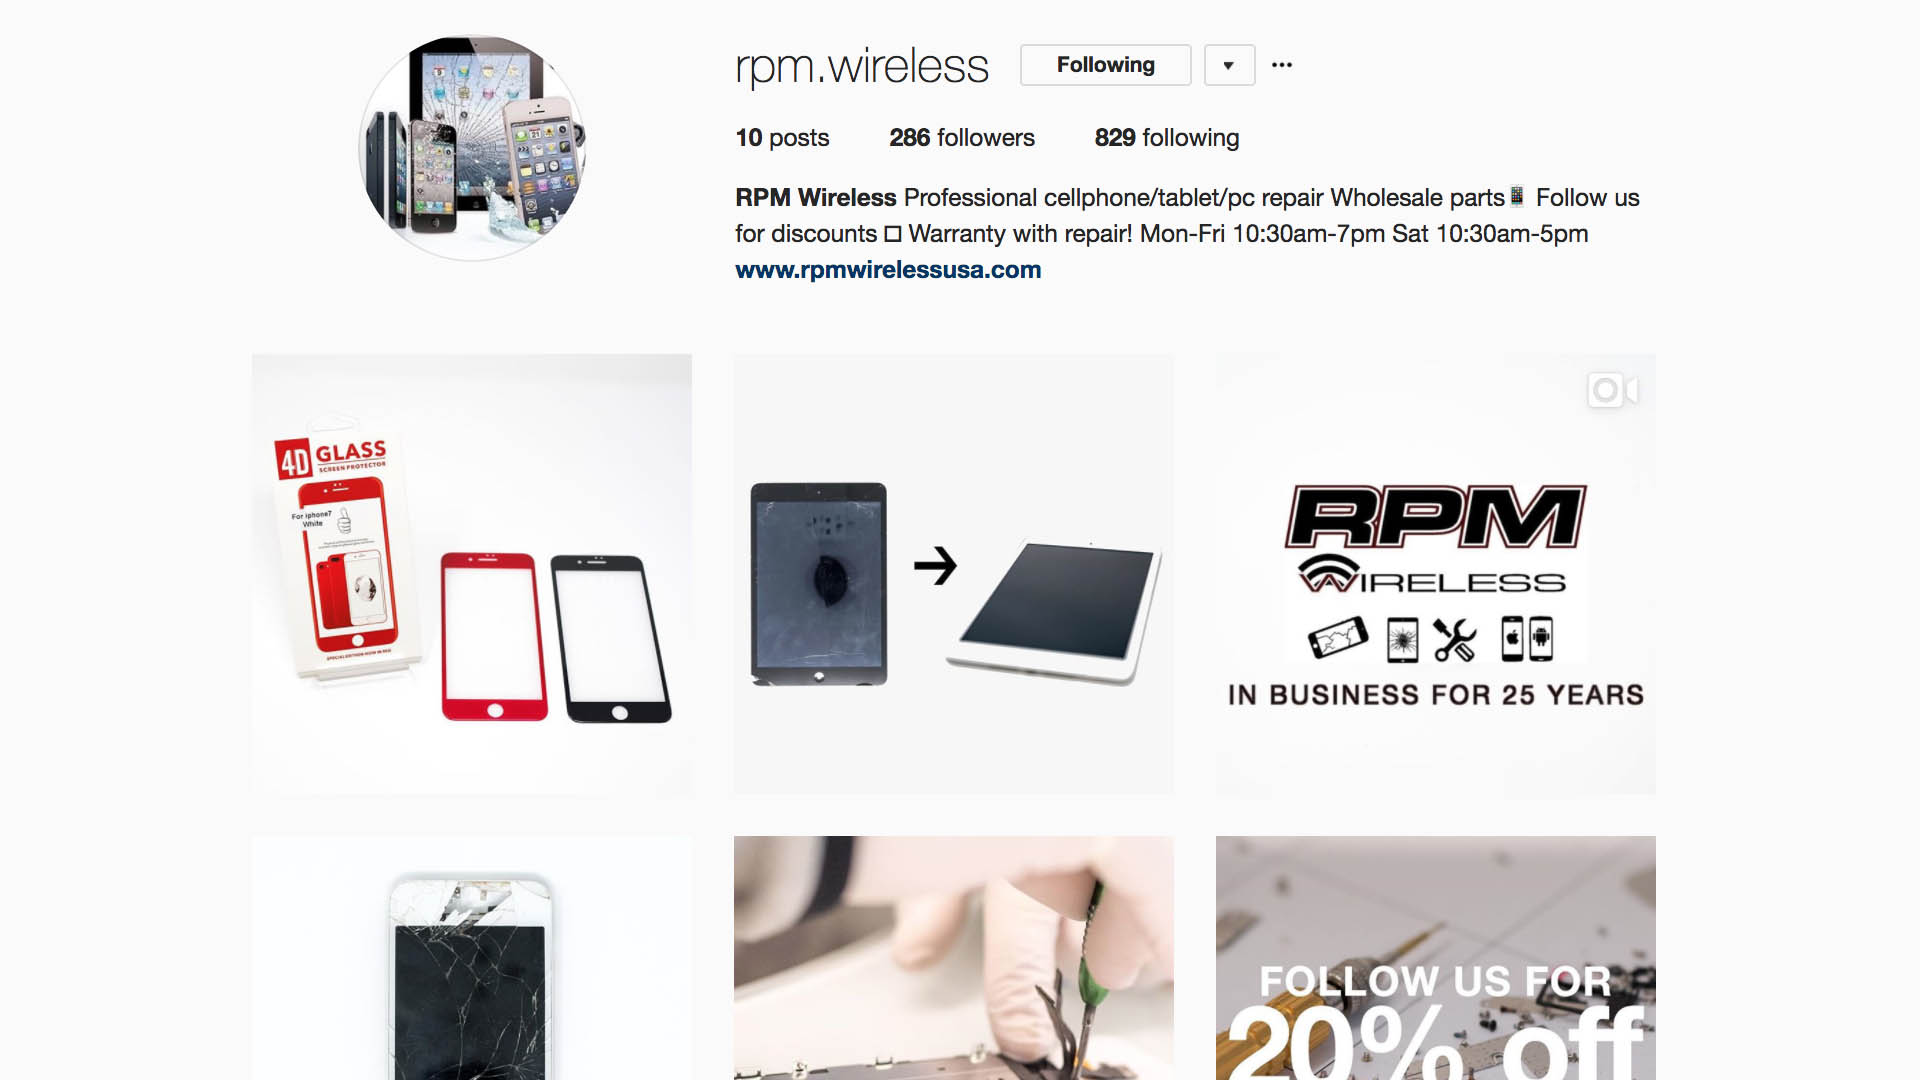 instagram.com/rpm.wireless